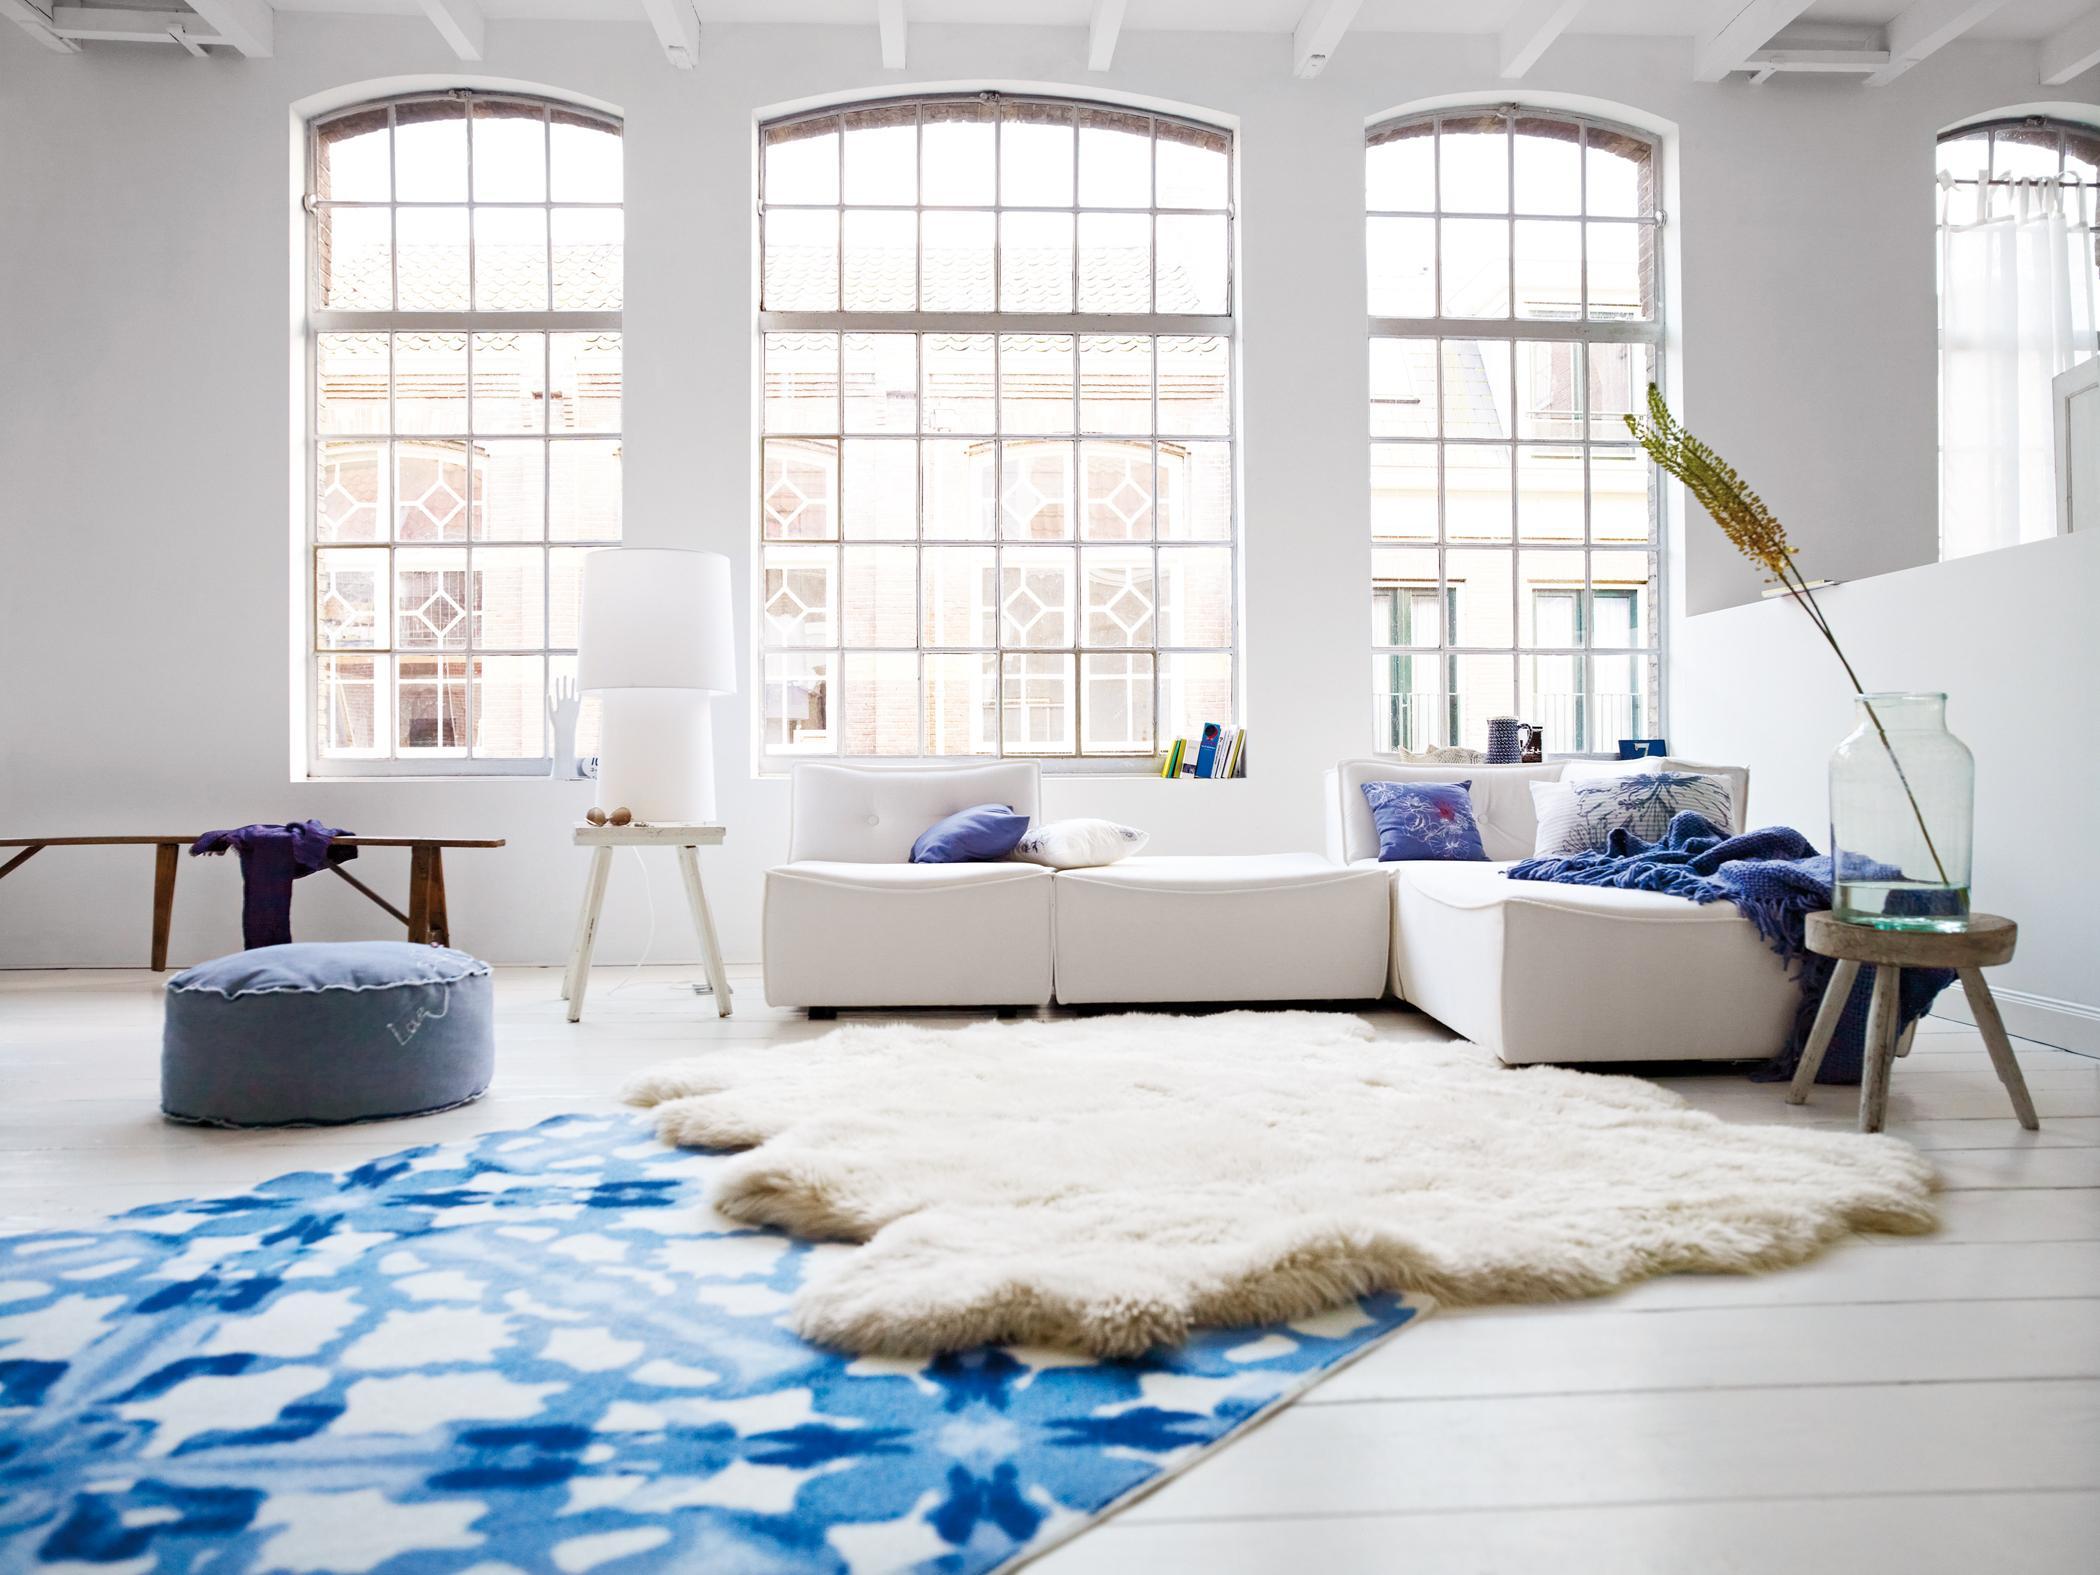 Rautemuster Teppich • Bilder & Ideen • COUCHstyle